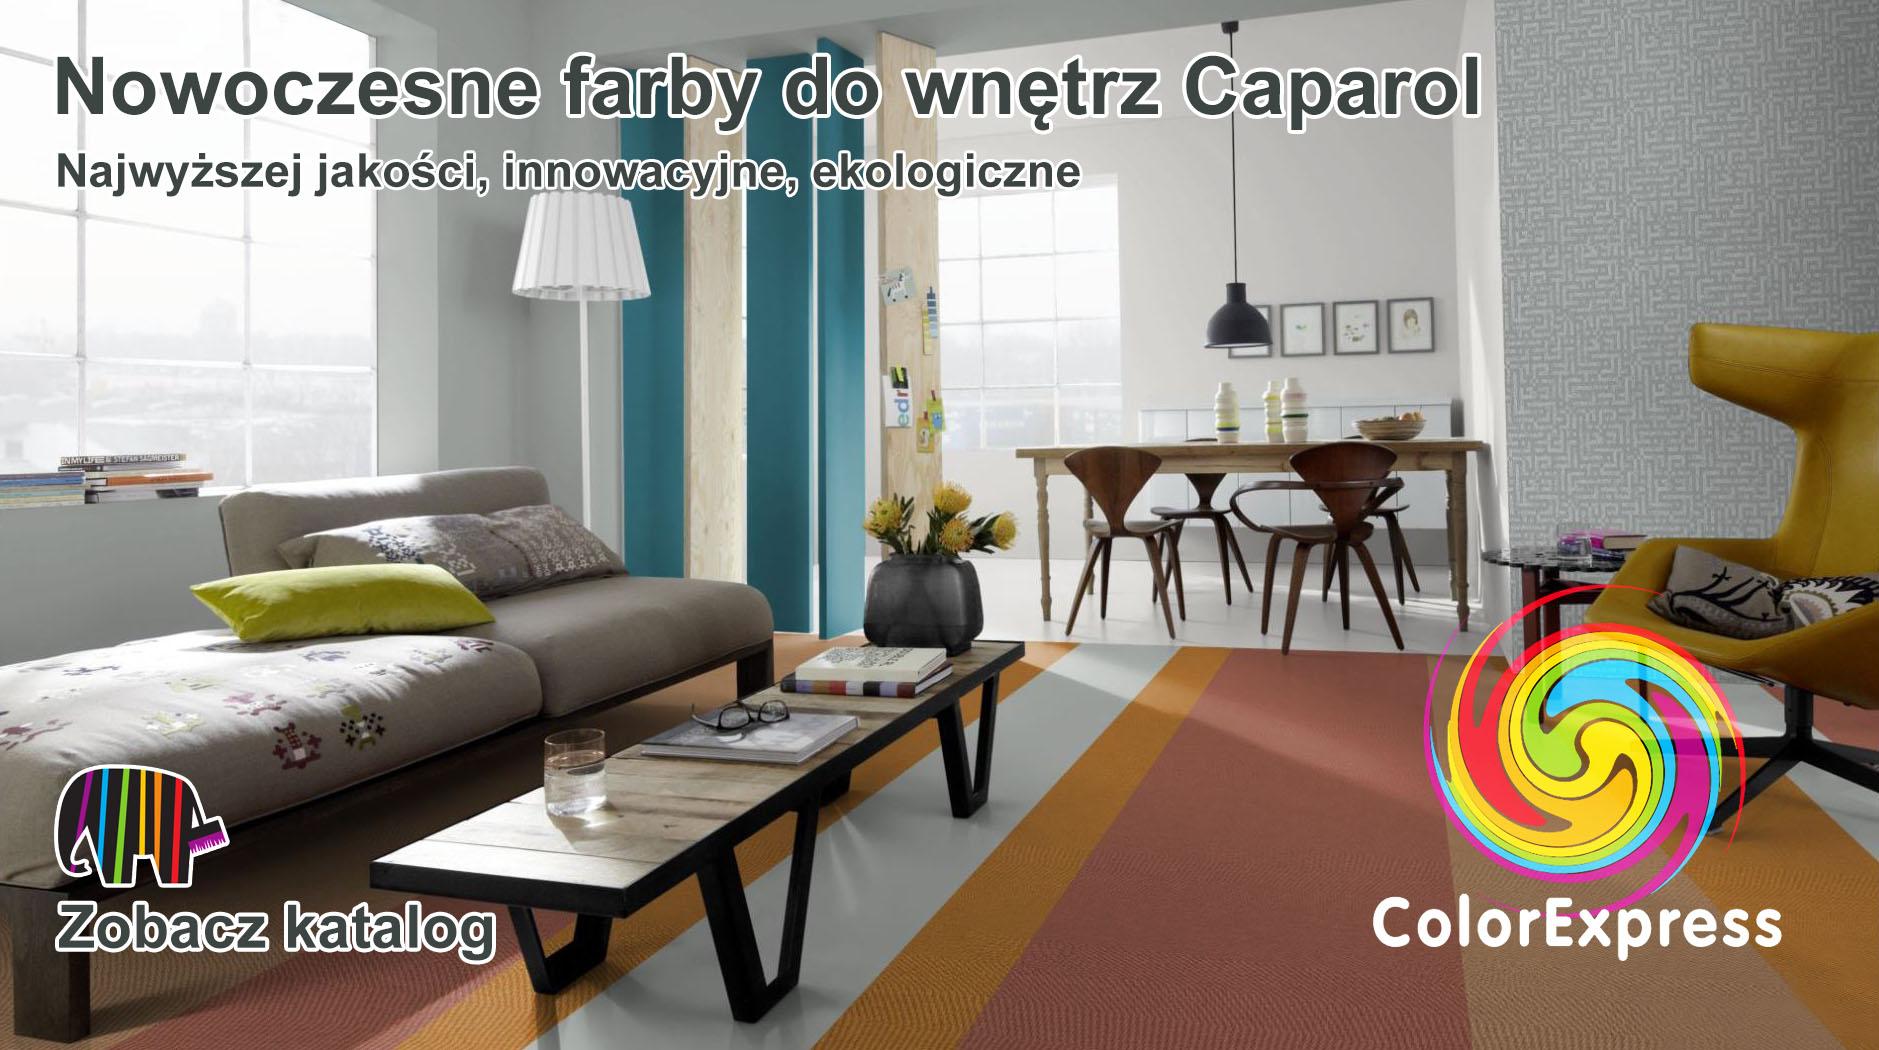 Caparol Nowoczesne farby do wnętrz Dortex Kłodzko